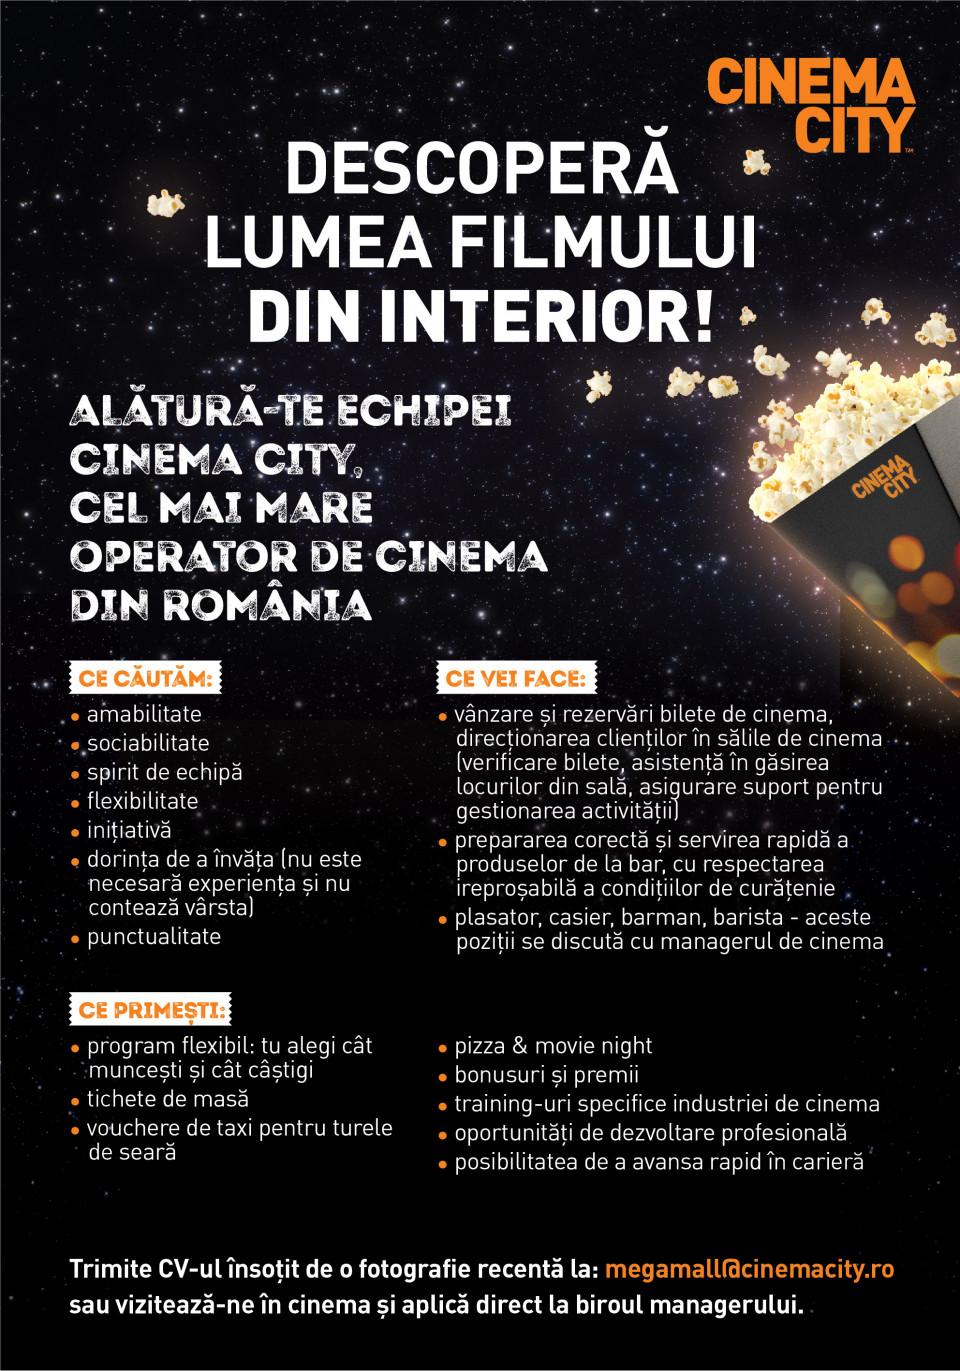 DESCOPERĂ LUMEA FILMULUI DIN INTERIOR!  Alătură-te echipei Cinema City, cel mai mare operator de cinema din România.  Cum ne dorim sa fie noul nostru coleg:  Cu atitudine pozitivă Dornic să învețe (nu este necesară experiența și nu contează vârsta) Punctual Cu bune abilități de comunicare și relaționare Amabil Să îi placă să lucreze în echipă Determinat Cu inițiativă Căutăm colegi care să descopere cu entuziasm lumea filmului din interior pentru următoarele roluri  Barman / Barista / Casier / Plasator  În funcție de rolul potrivit pentru tine, responsabilitățile generale ar putea fi:  - vânzarea de bilete și rezervări bilete de cinema, direcționarea clienților în cinema (verificare bilete, asistență în găsirea locurilor din sală, asigurare suport pentru gestionarea activității);  - preparea corectă și servirea rapidă a produselor de la bar sau cafenea, cu respectarea ireproșabilă a condițiilor de curățenie;  - întâmpinarea clienților și oferirea informațiilor corecte despre produsele noastre;  Barman / Barista / Casier / Plasator – aceste poziții se discută în cadrul interviului.  Ce îți garantăm:  - Program flexibil (tu alegi cât muncești și cât câștigi) - Tichete de masa - Pizza & Movie night - Bonusuri și premii - Training-uri specifice industriei de cinema - Vouchere de taxi pentru turele de seară - Oportunități de dezvoltare profesională - Posibilitatea de a avansa rapid în carieră  Punem accent pe dezvoltarea oamenilor și ne dorim ca fiecare coleg să fie foarte bine pregătit profesional existând șanse de promovare. Dezvoltă și tu o carieră în industria de cinema!  Trimite CV-ul insotit de o fotografie recenta la: megamall@cinemacity.ro sau viziteaza-ne in cinema si aplica direct la biroul managerului.  Te așteptăm cu drag! Descoperă lumea filmului din interior!Alătură-te echipei Cinema City, cel mai mare operator de cinema din România, parte din Cineworld, al doilea mare lanț de cinematografe din lume!Ne dorim să fim cel mai bun loc unde se vizionează filmele 